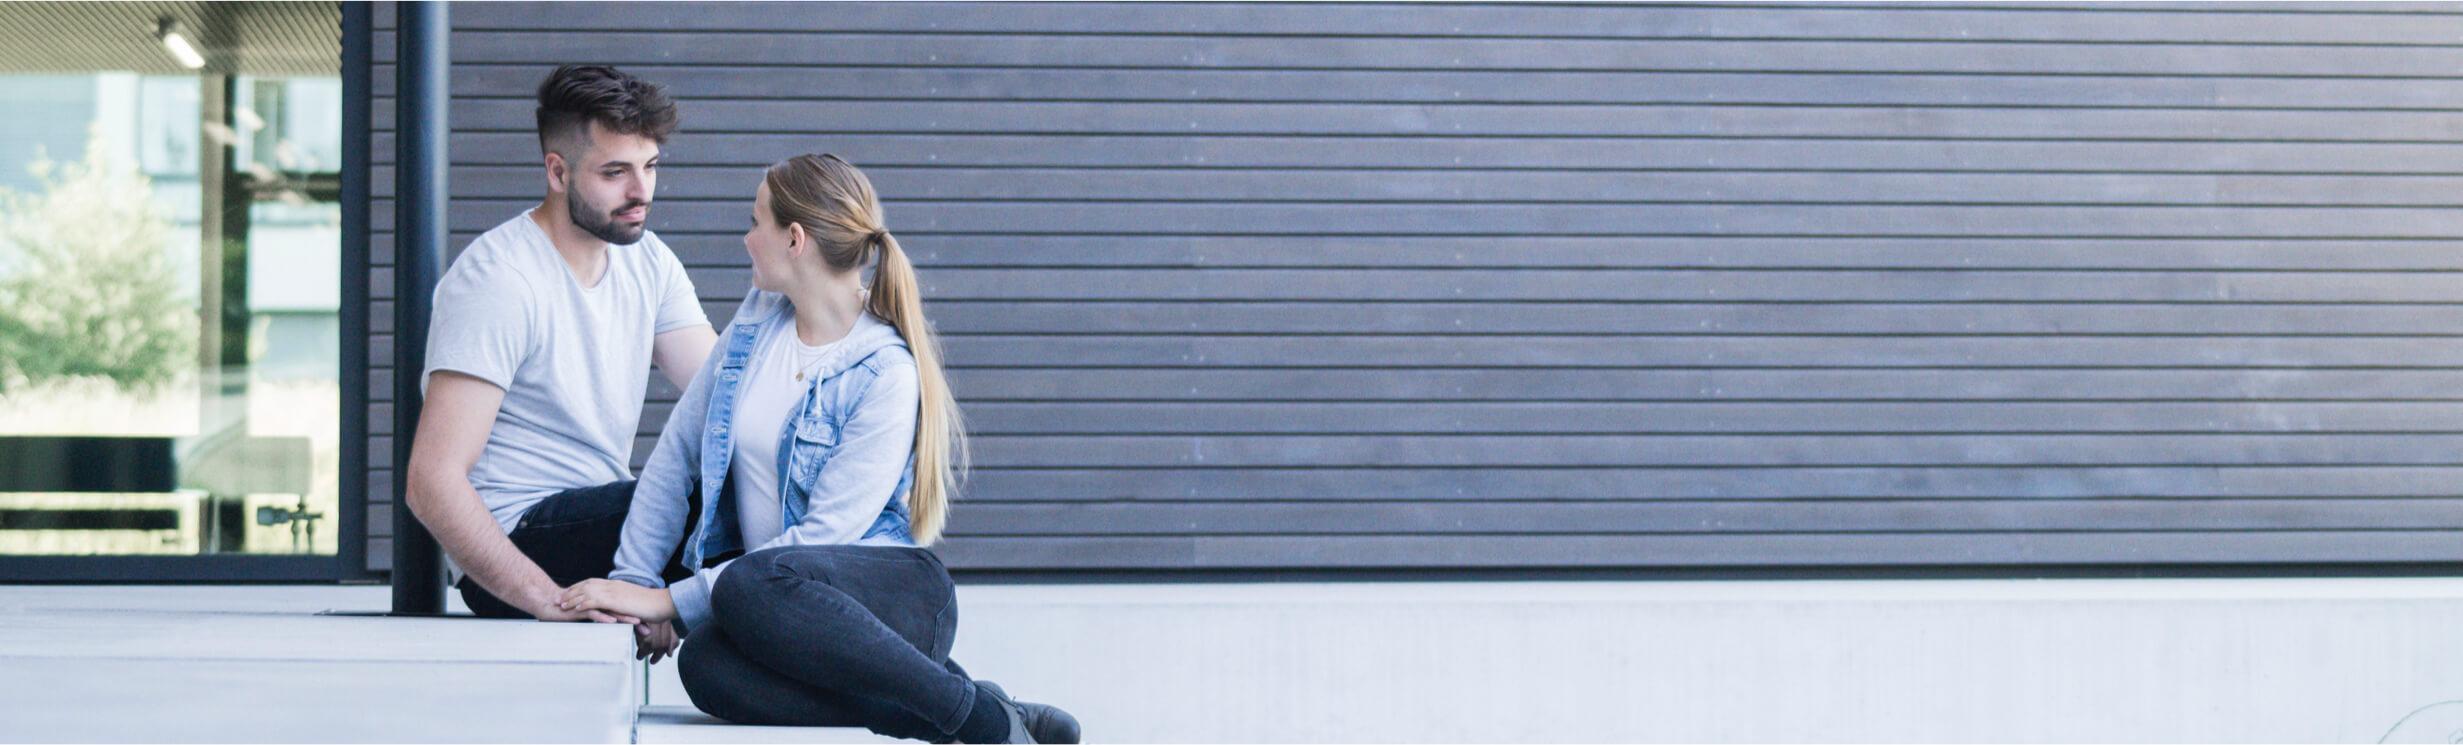 ein junges paar sitzt auf einer treppe und schaut sich an